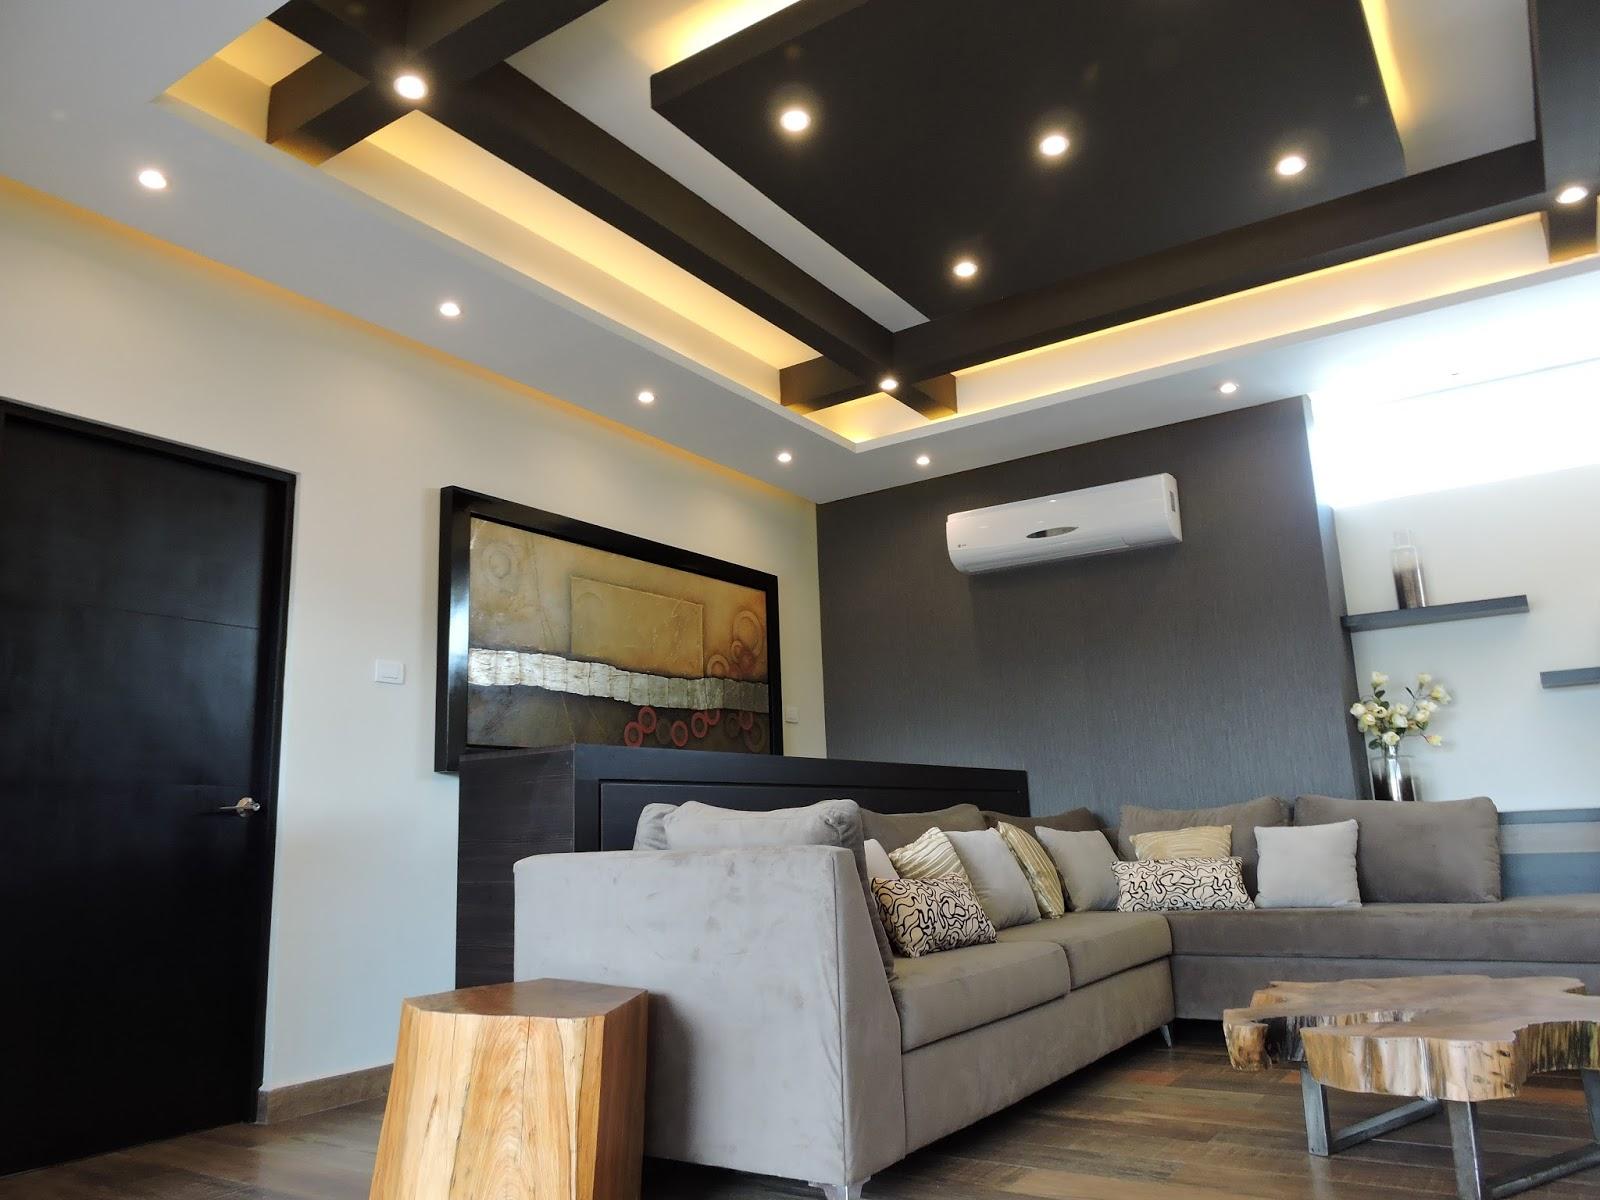 Arquitectura martin abel dise o de interiores ancestra 1 for Decoracion de iluminacion interior